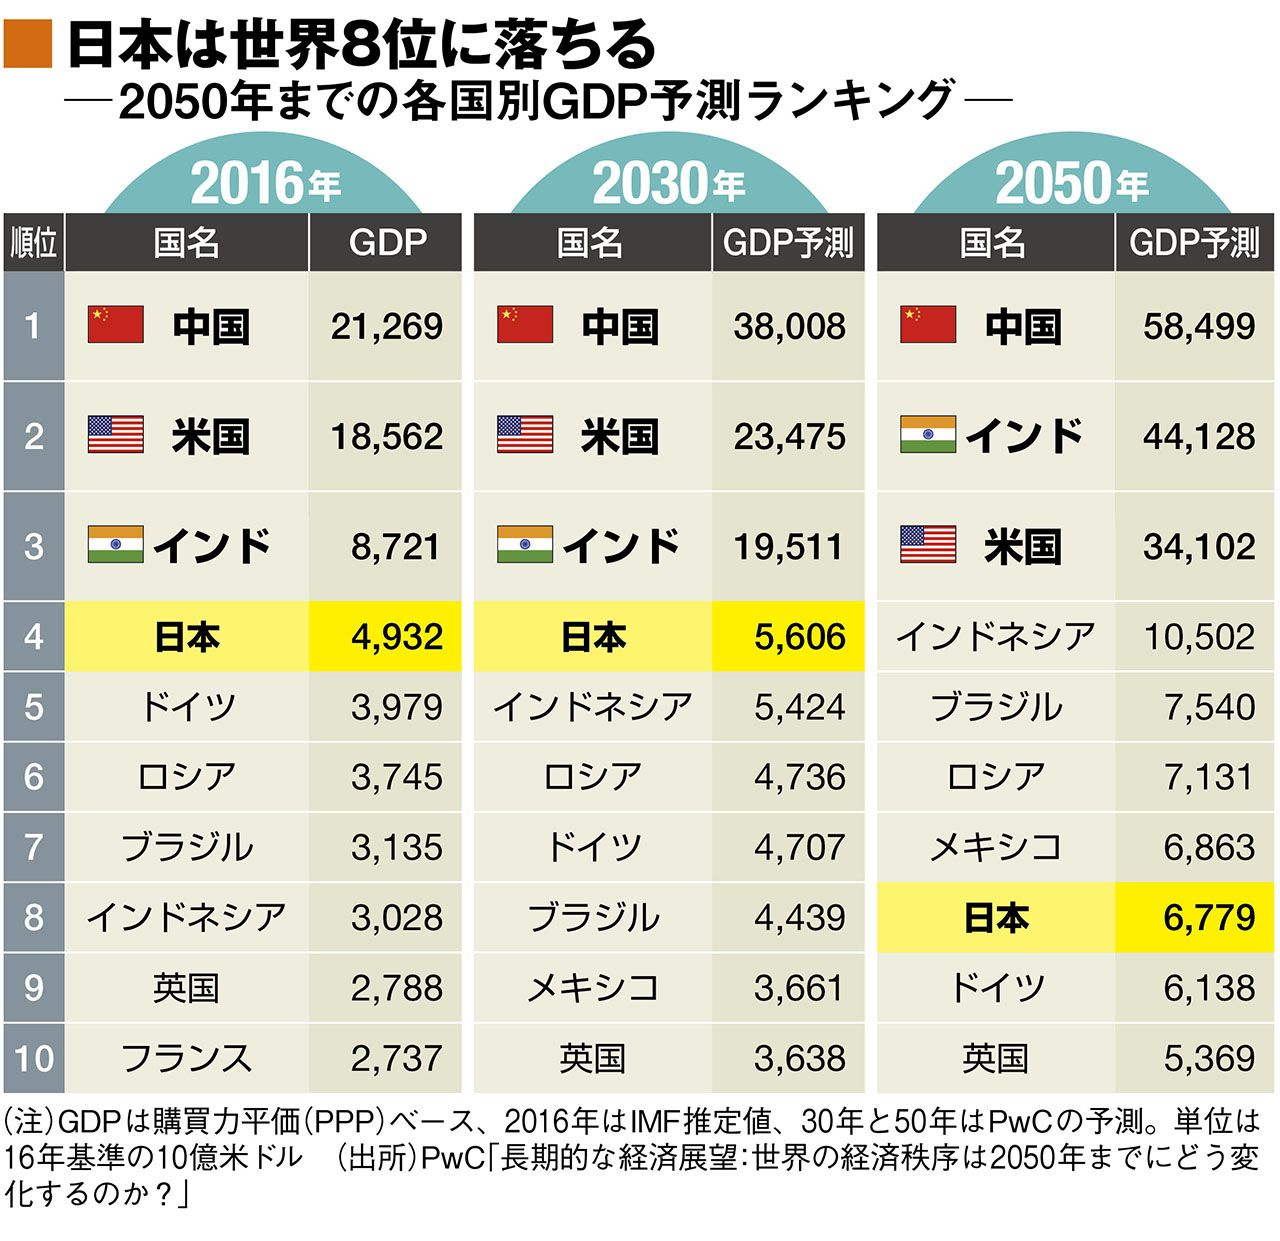 世界経済|中国と日本メガシティの競争が激化 | 20年後 ニッポンの難題 | 特集 | 週刊東洋経済プラス